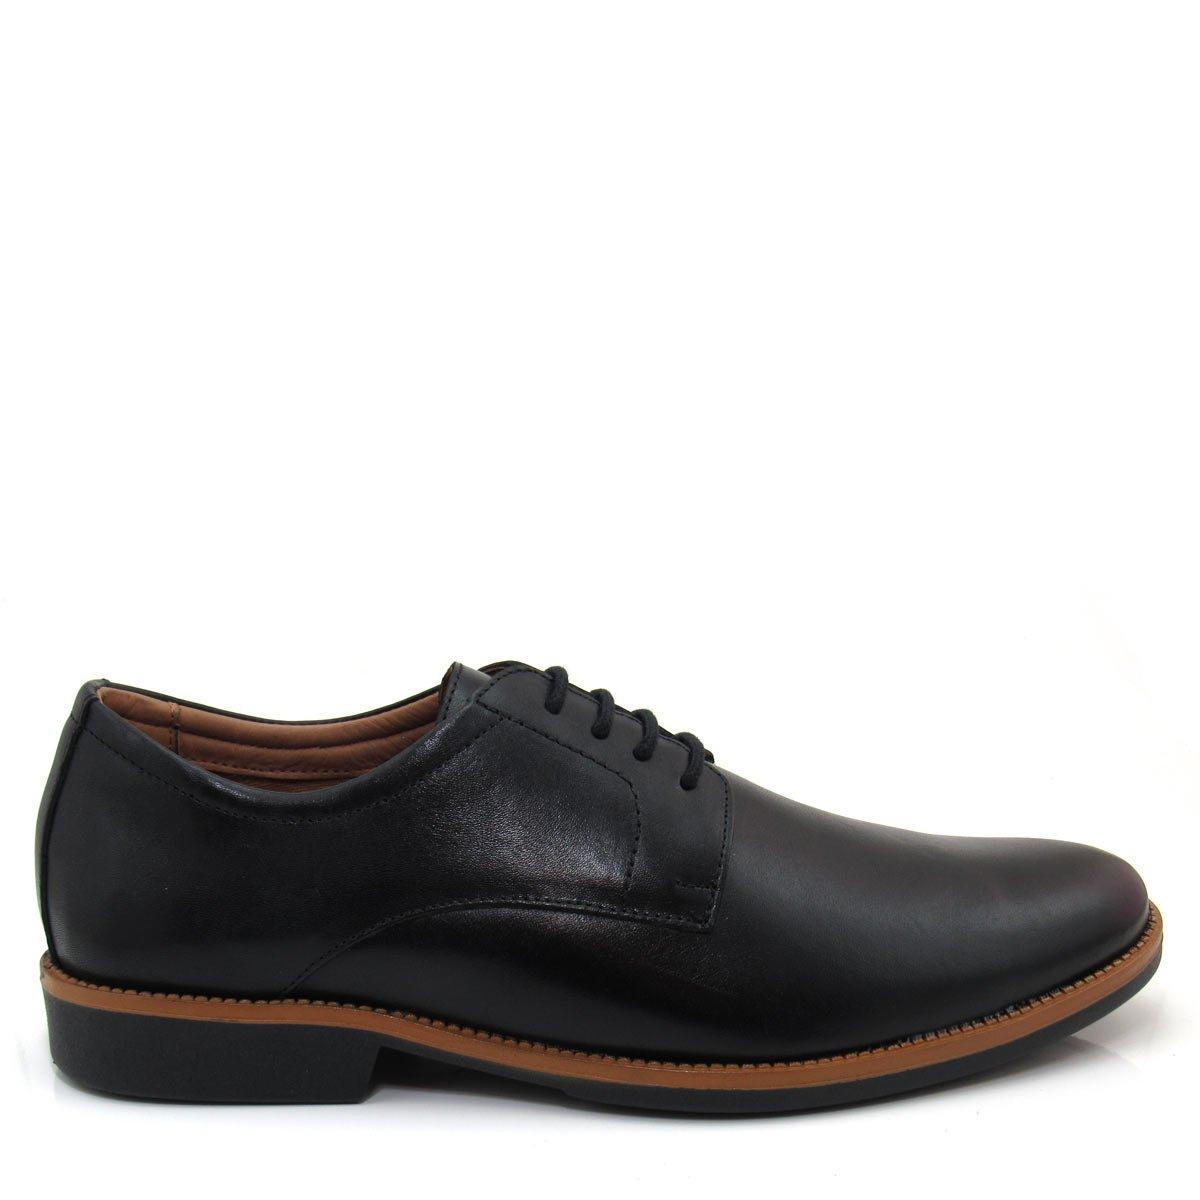 b46bd2285e Sapato Causal Masculino Tonifran 201 em Couro Coleção 2018